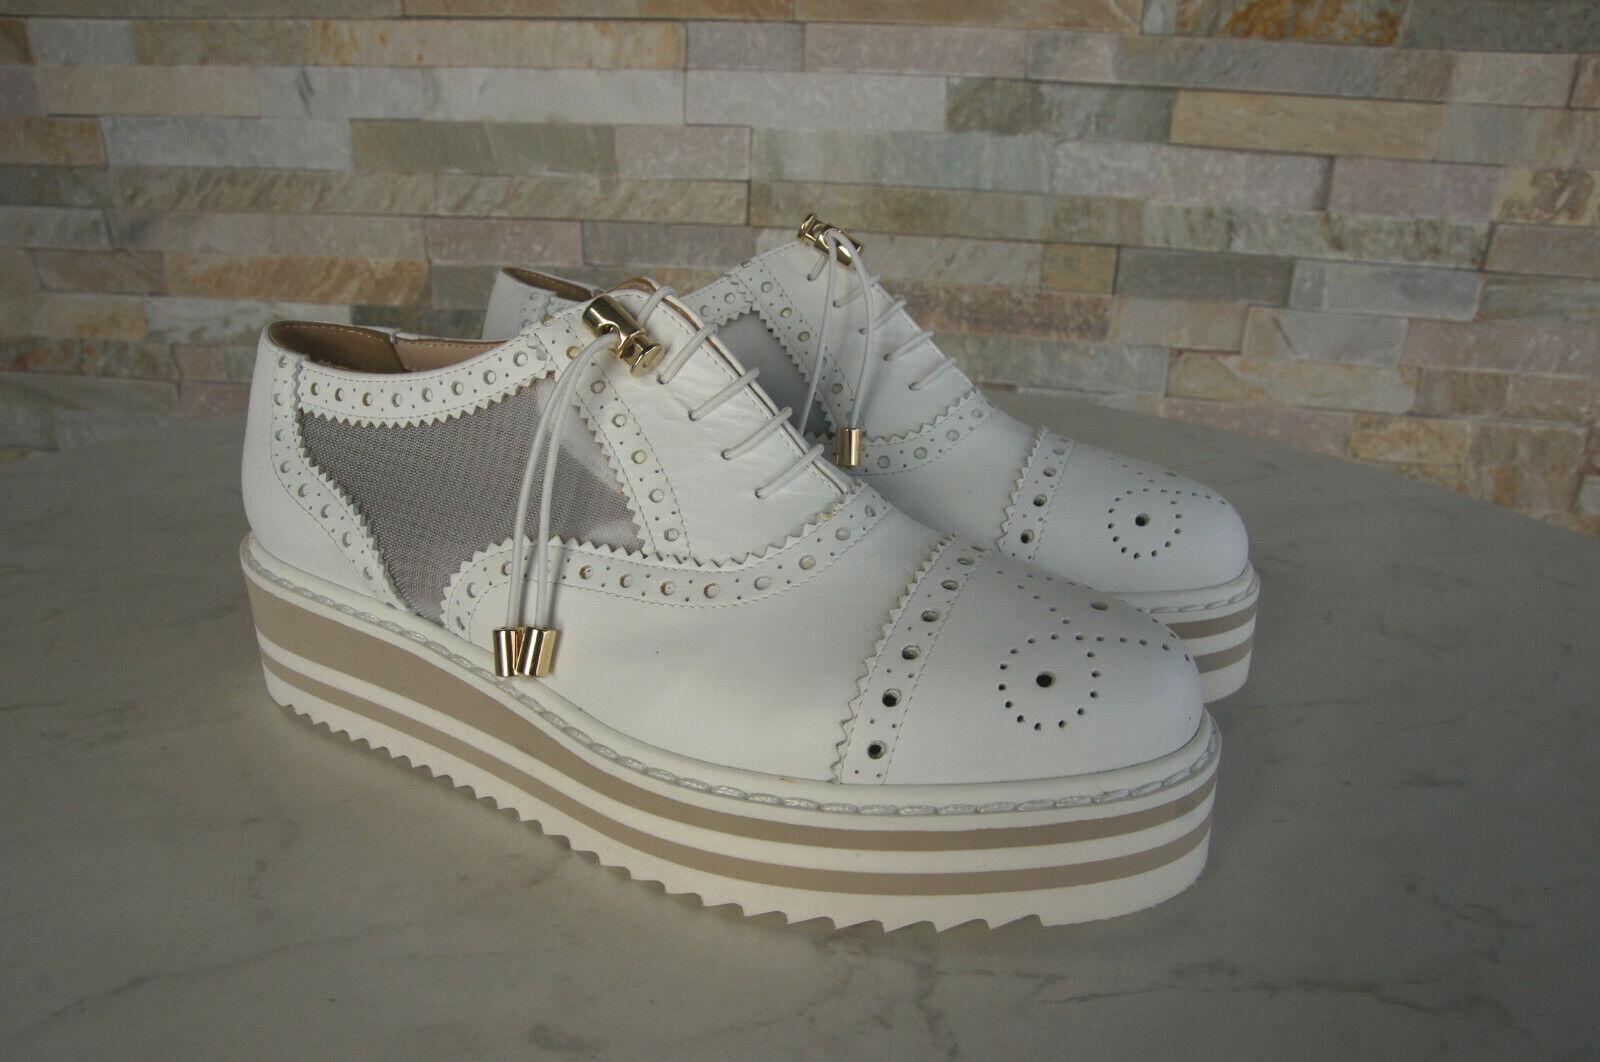 Baldinini Trend Trend Trend 38 Plateau shoes con Cordino Basse Bianche Nuovo Ehem.uvp 5228e3